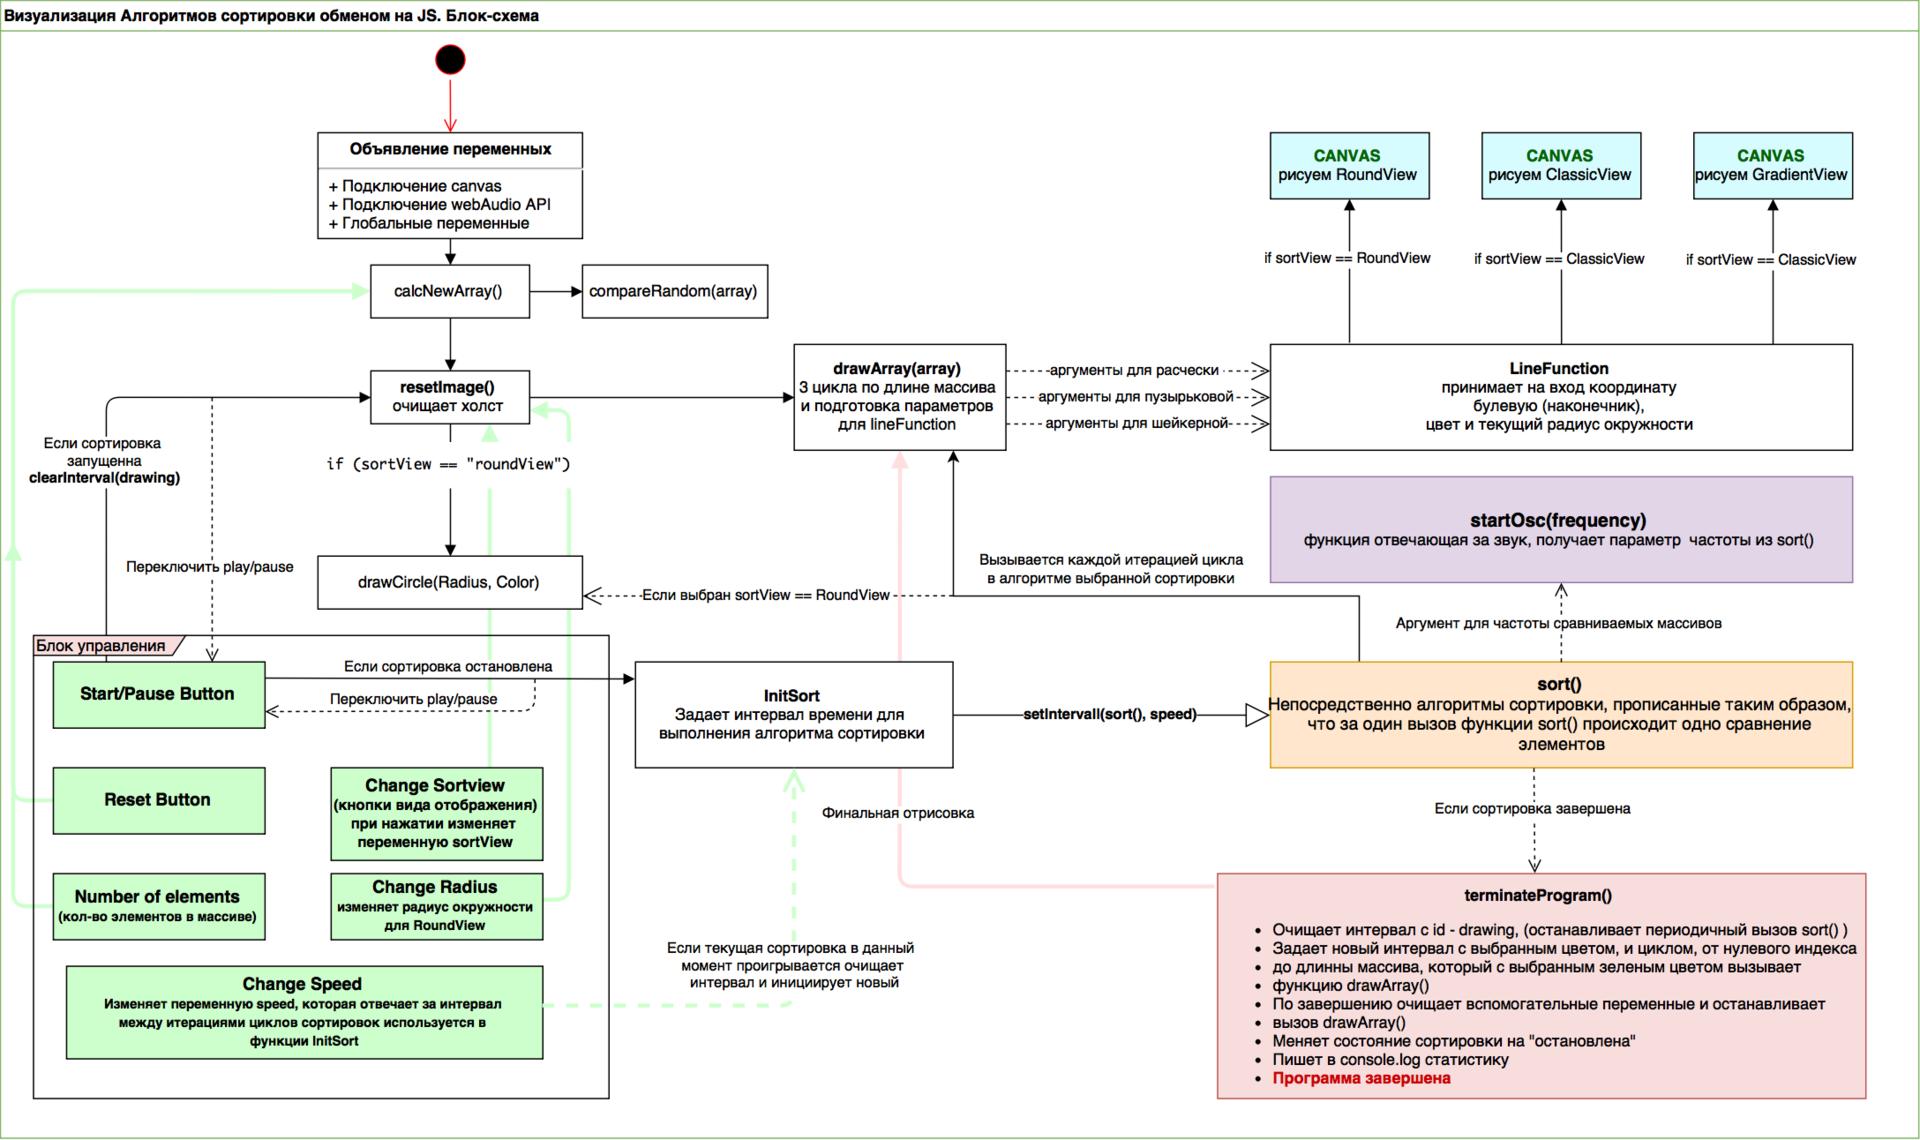 Визуализация алгоритмов сортировки обменом на JavaScript - 2